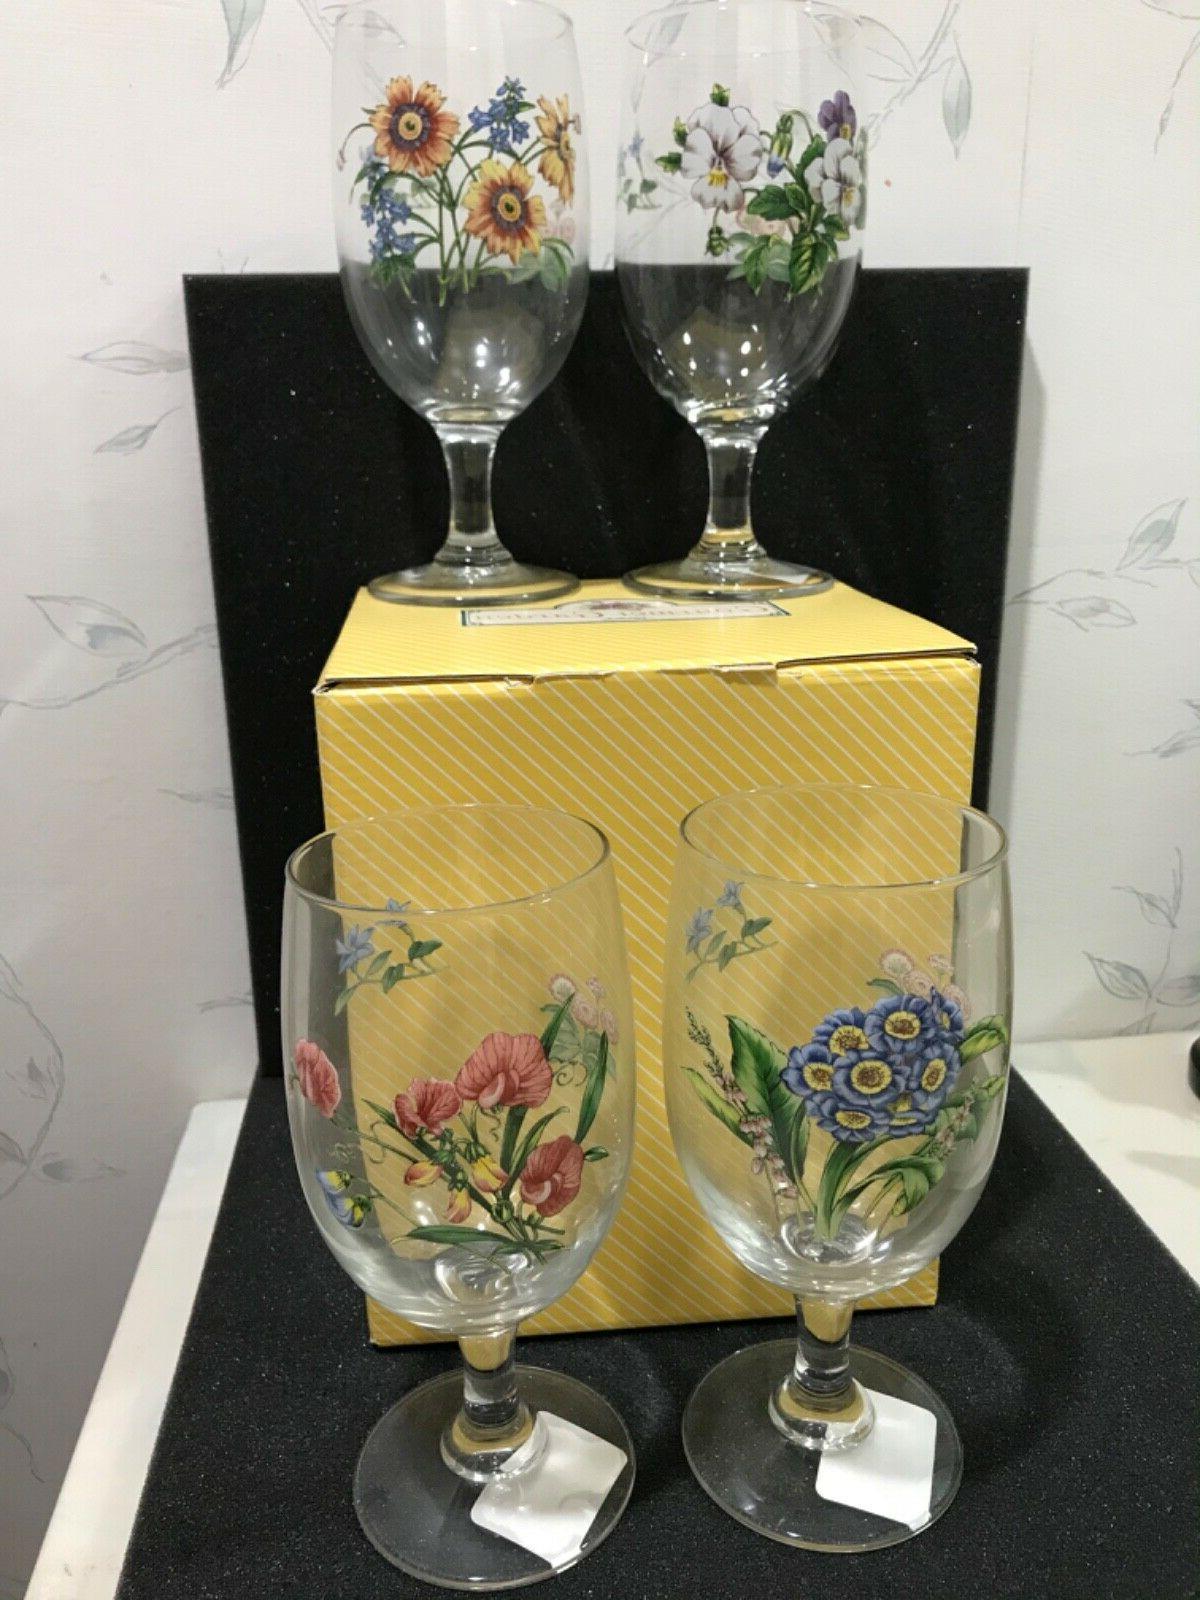 new gourmet garden 4 iced tea glass